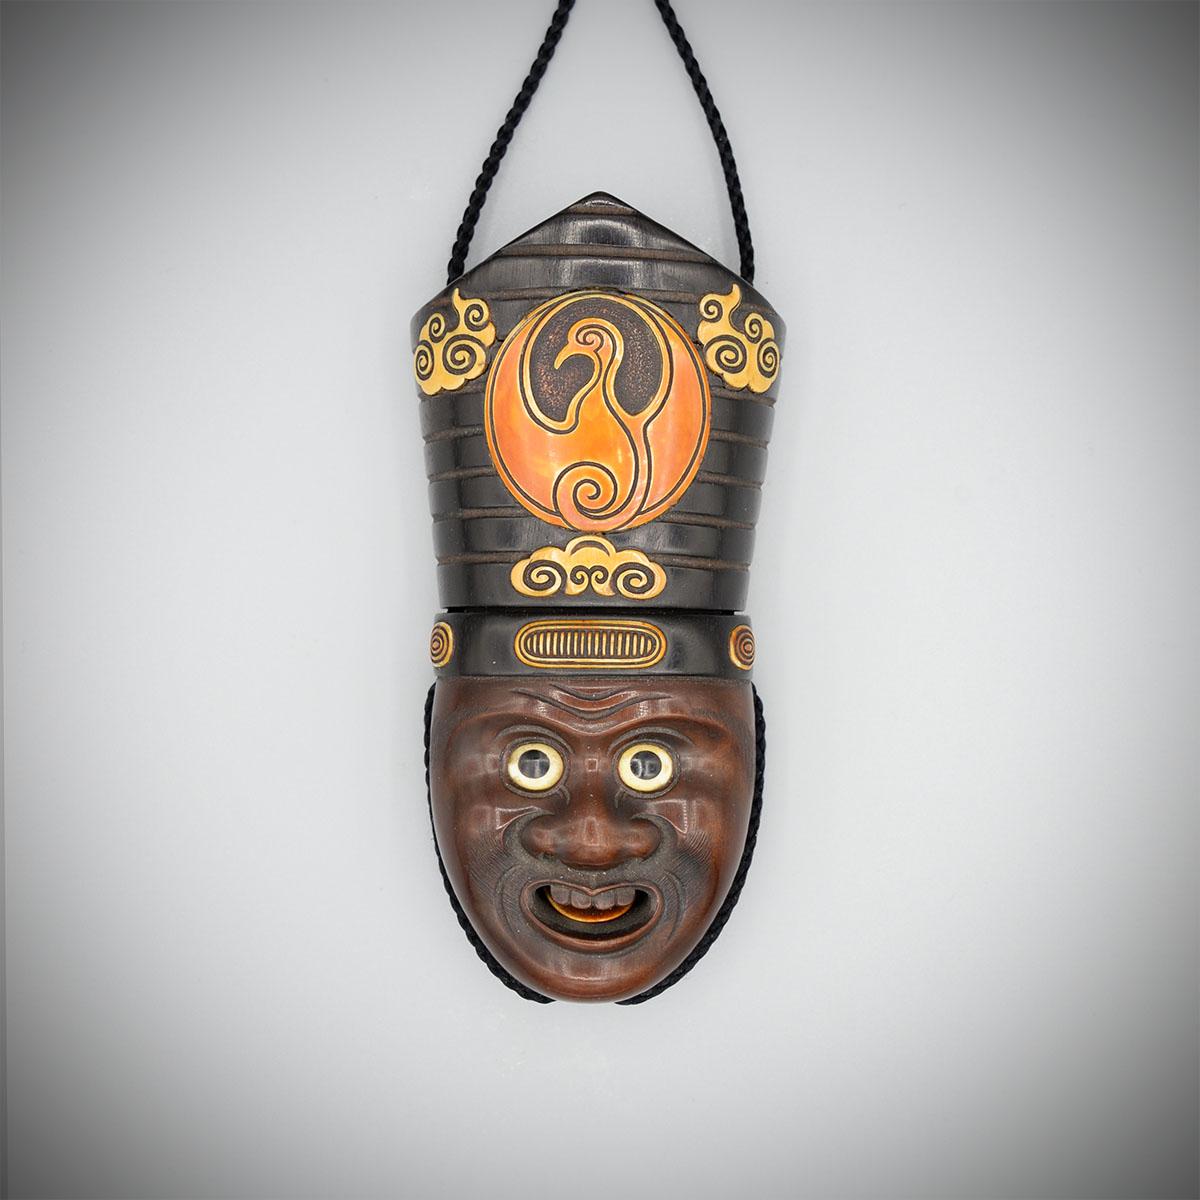 Einzelfall-Holztrick-Sagemono in Form des Kopfes eines Sambaso-Tänzers von Gyokumin, MR3647_v.1